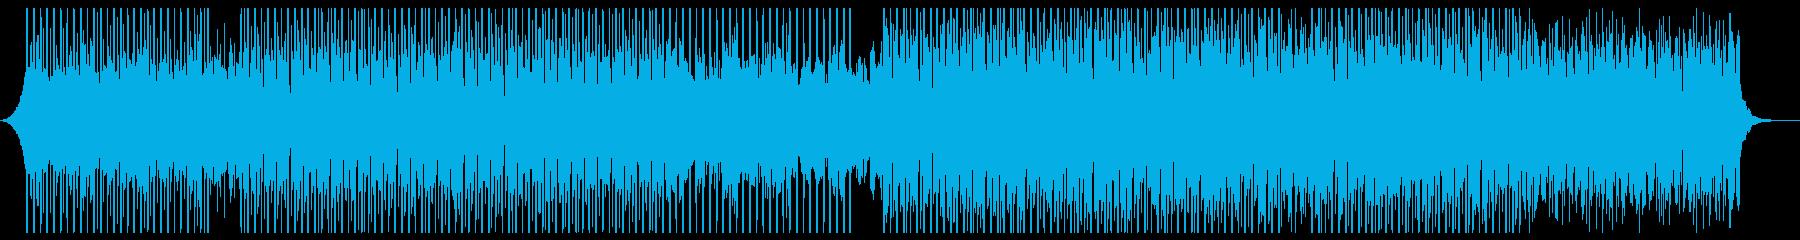 テクノロジーアップビートの再生済みの波形